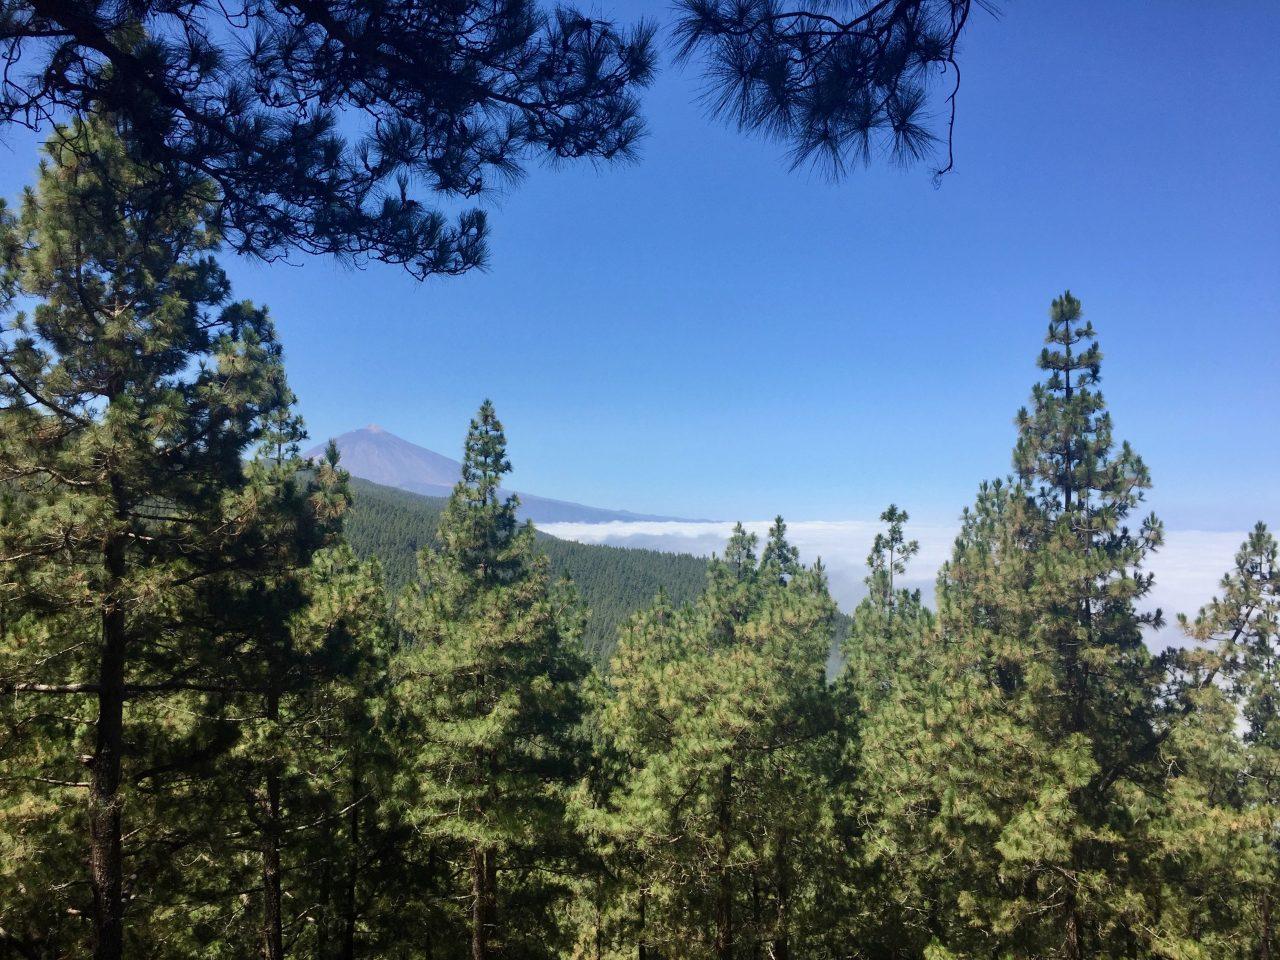 Blick von einem der Aussichtspunkte der TF-24 noch im Wald Richtung Teide. Die Wolkendecke an der Grenze der Inversionsschicht bei ungefähr 1500 m ist deutlich zu sehen.